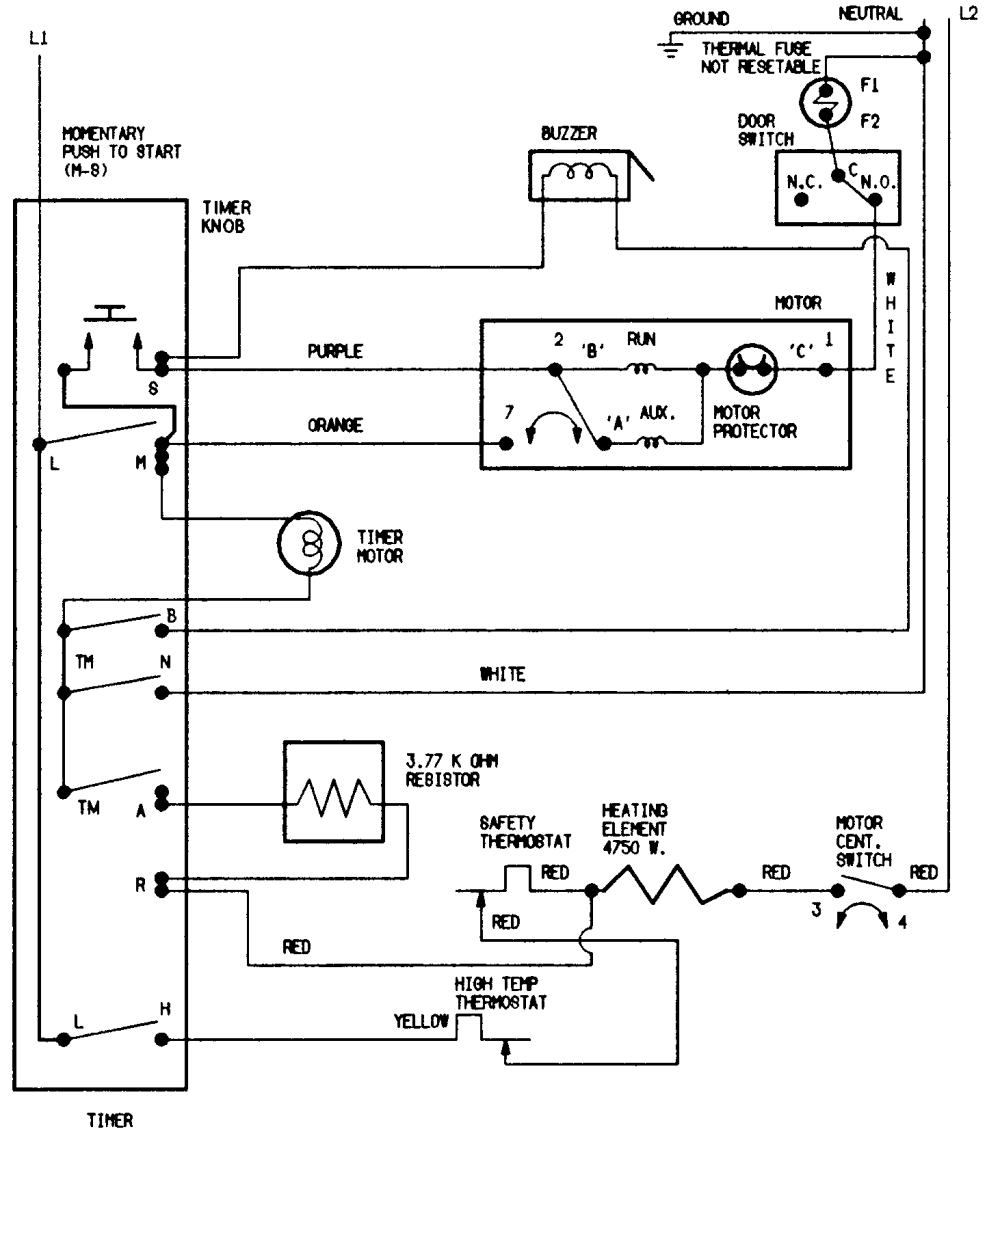 medium resolution of magic chef cyg2000aww wiring information diagram